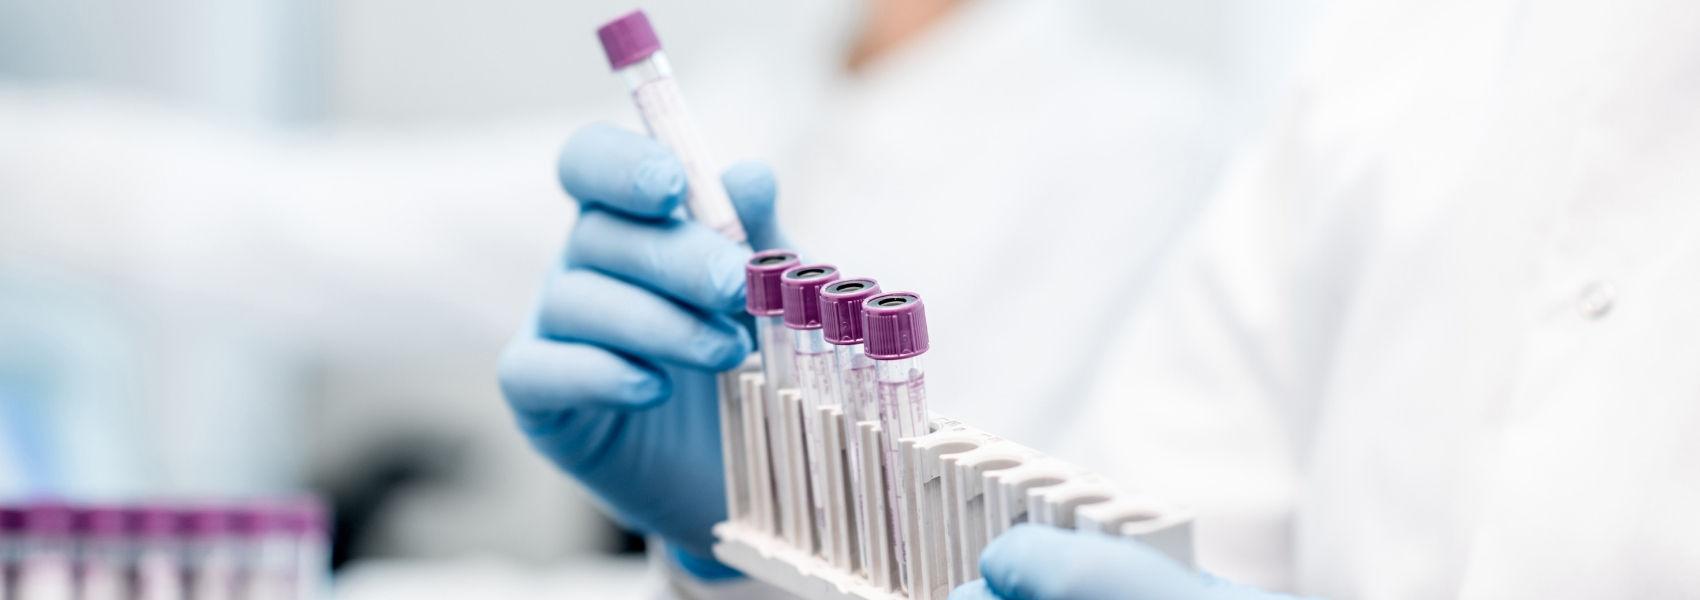 genoma da gripe A